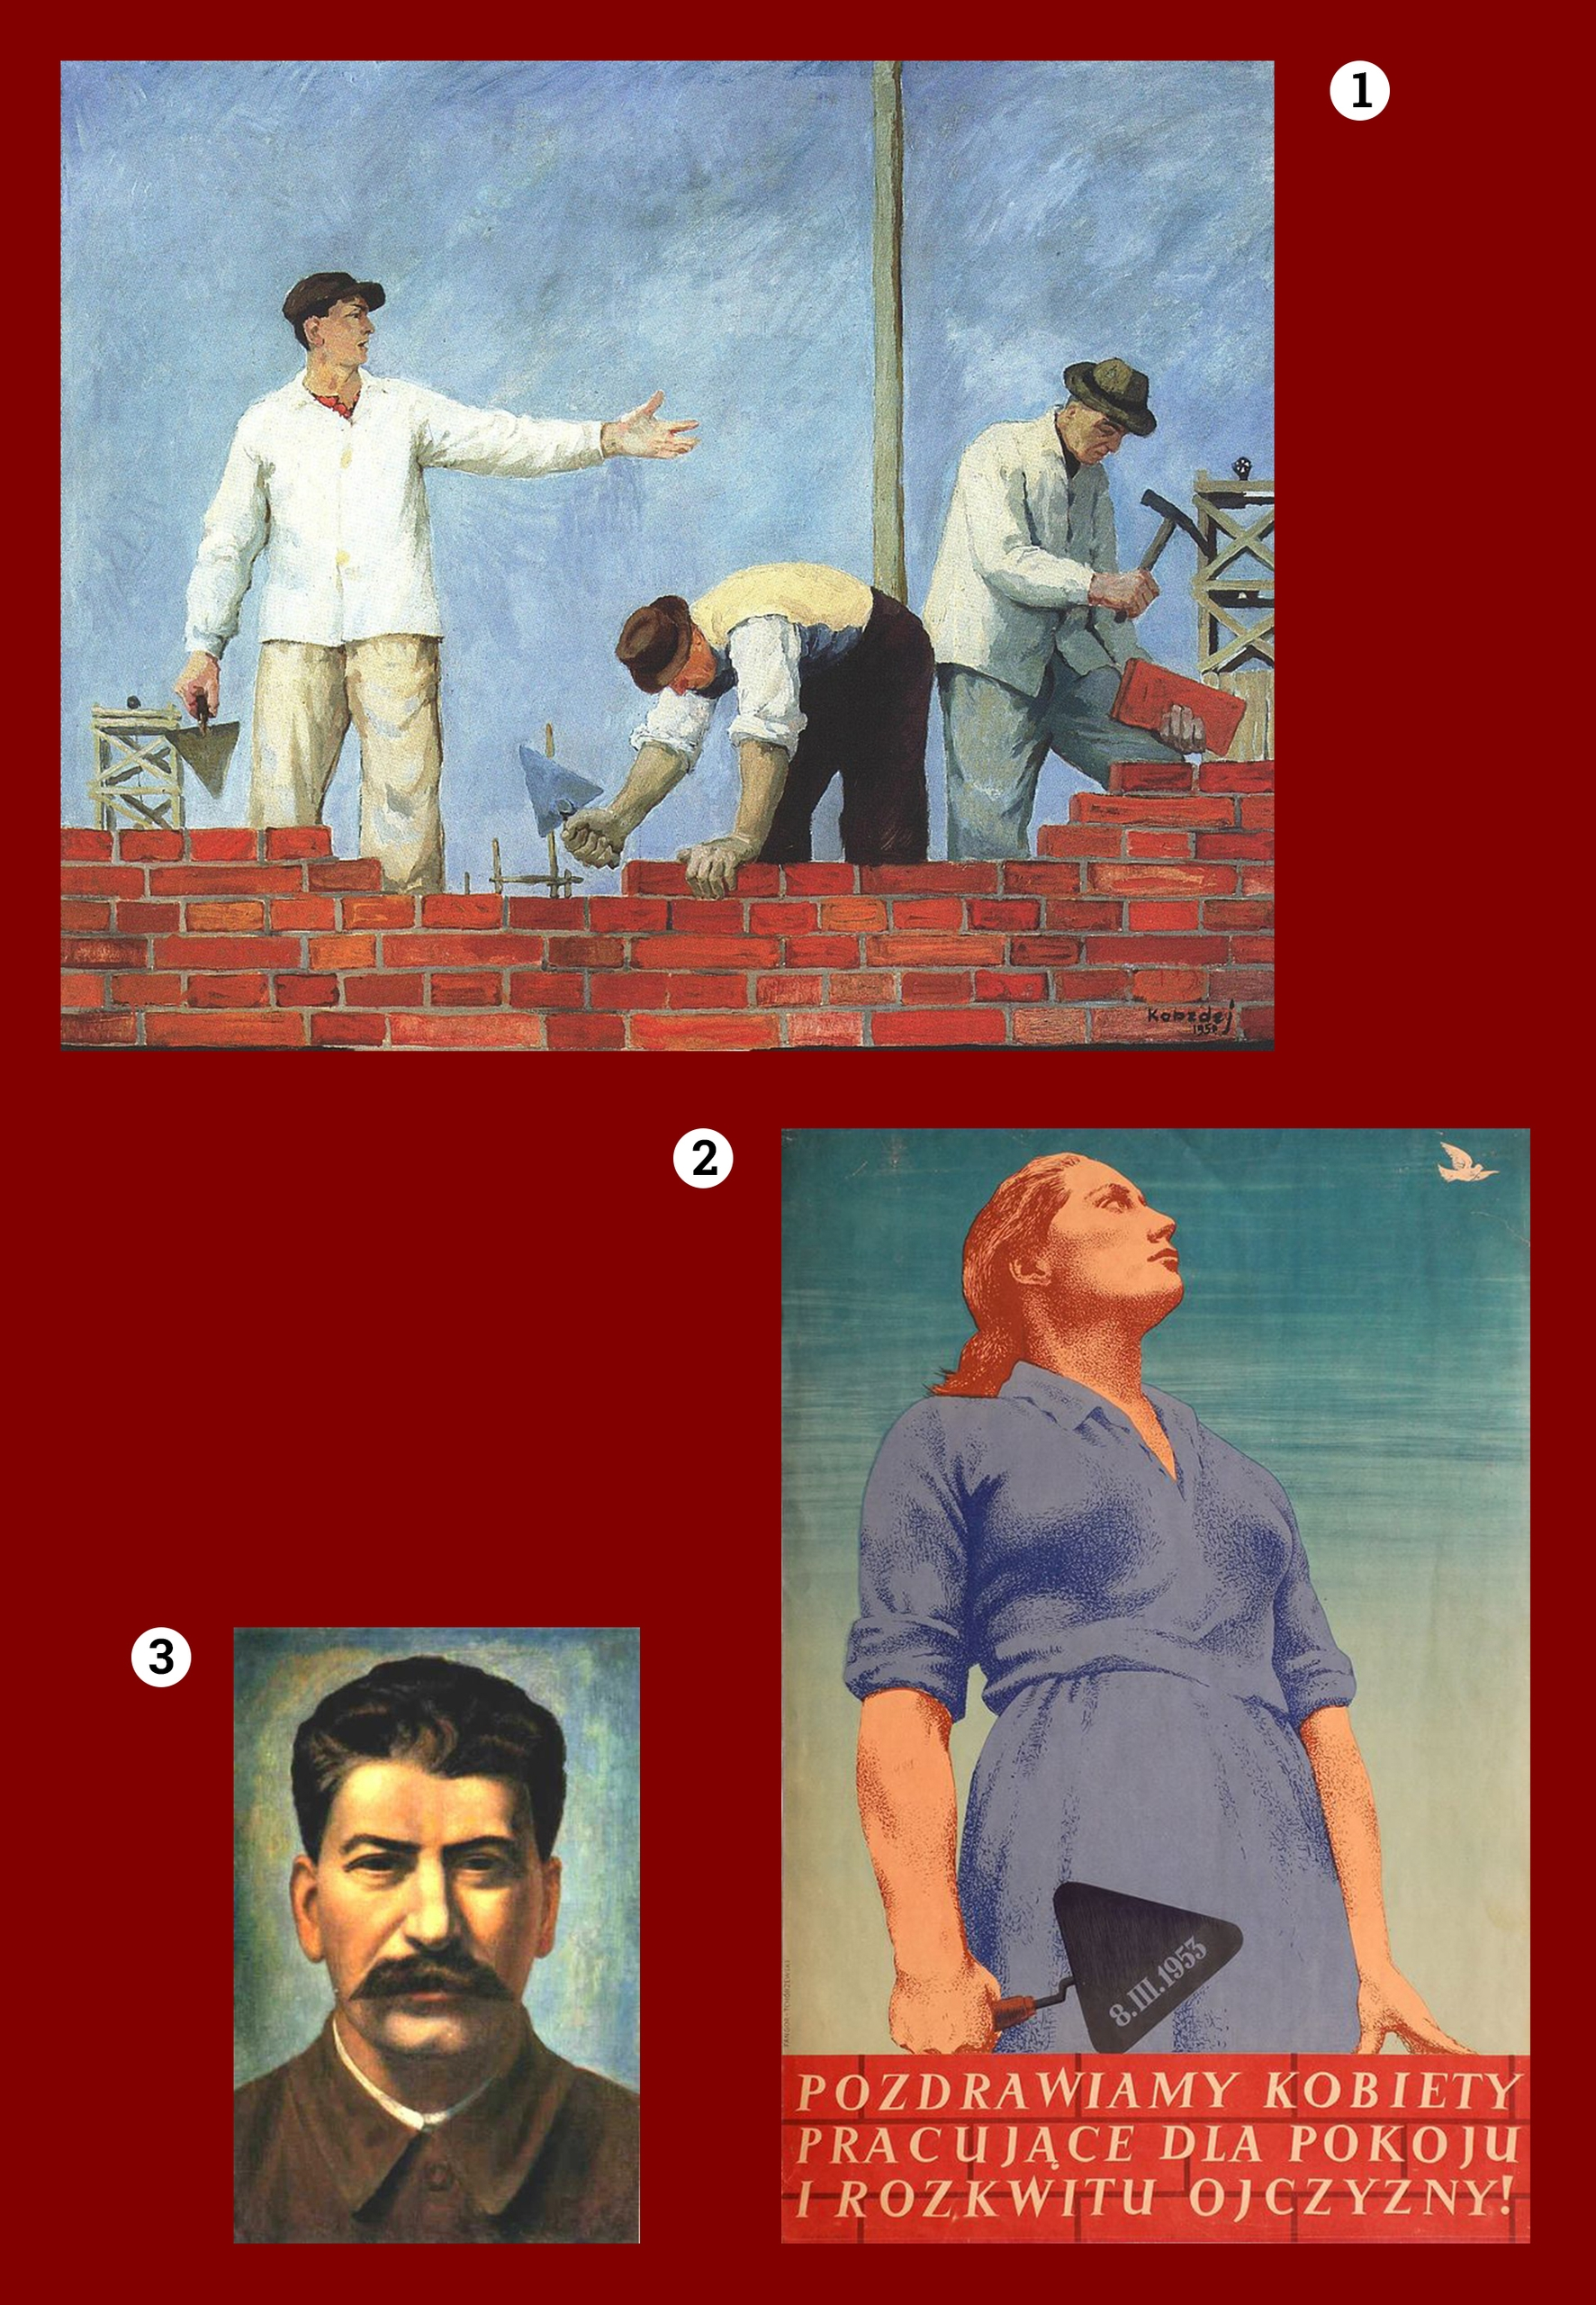 Socrealizm [moodboard]